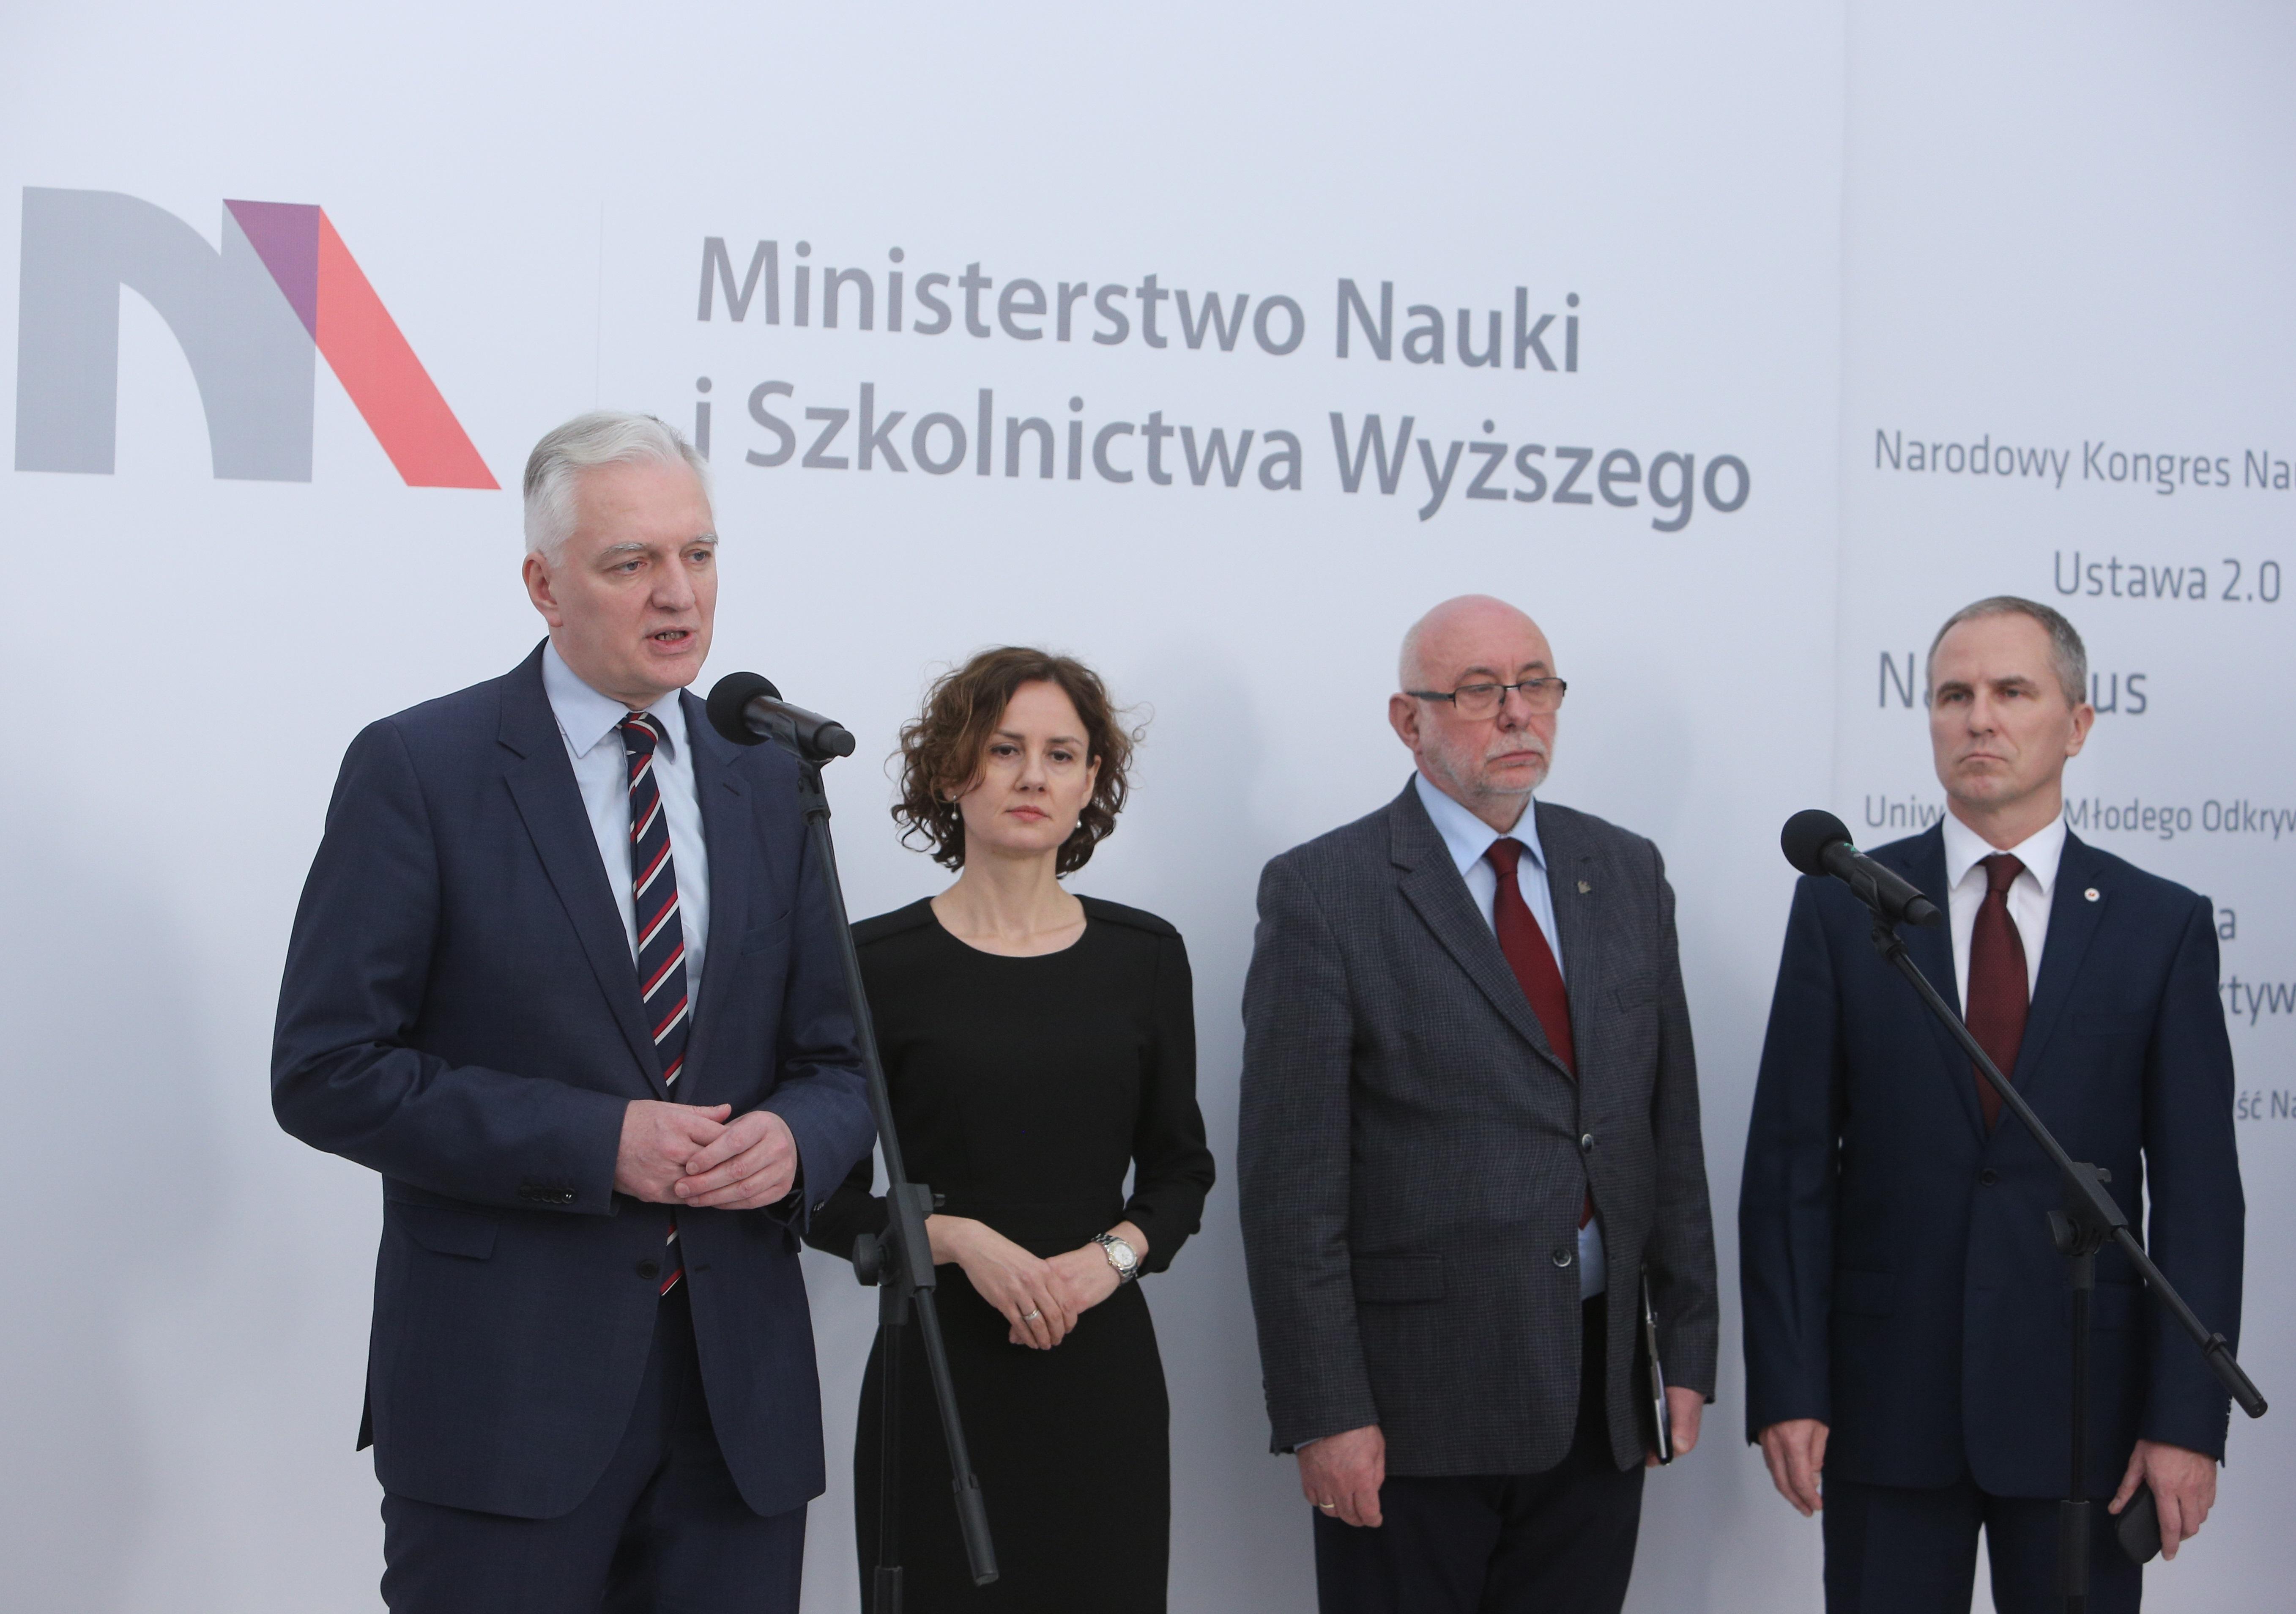 300 milionów złotych dla ośrodków akademickich w konkursie Zintegrowane Programy Uczelni - Ministerstwo Nauki i Szkolnictwa Wyższego - Portal gov.pl